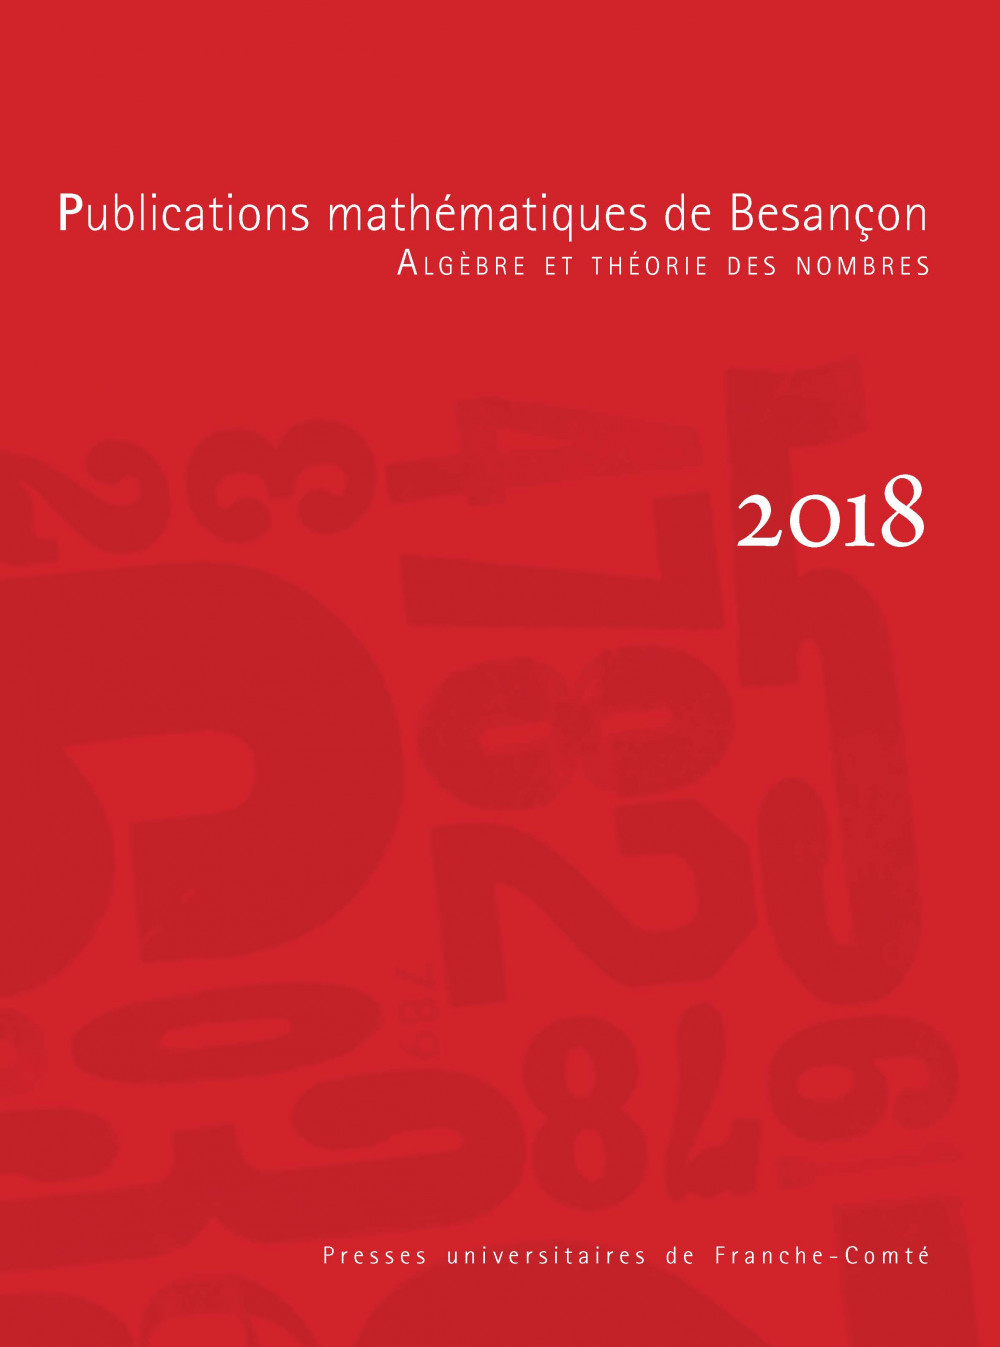 Publications mathématiques de Besançon - Algèbre et théorie des nombres - numéro 2018